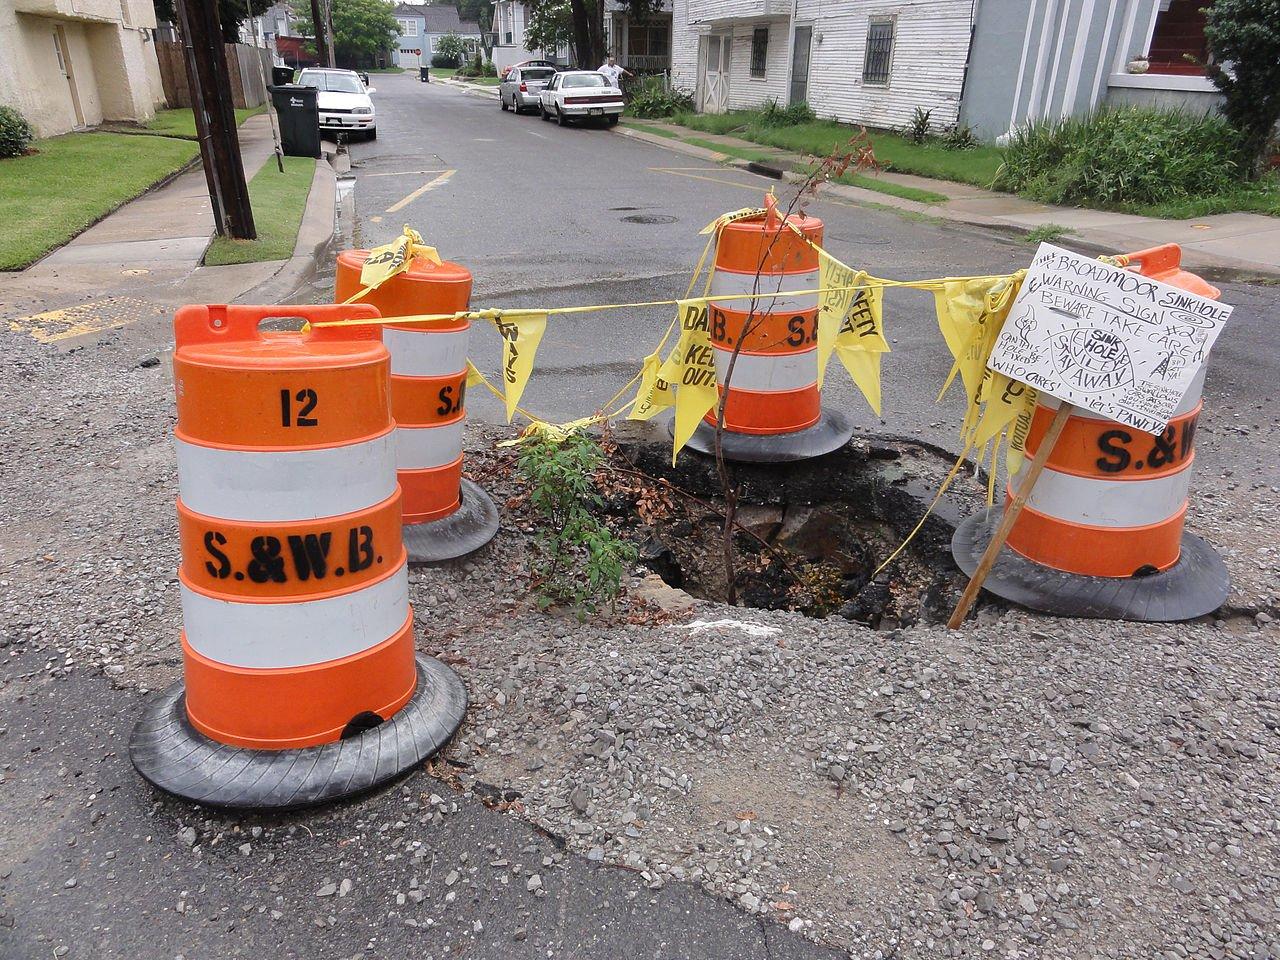 Dziury w drogach to zło, ale ten nowy asfalt naprawi się sam i naładuje twój elektryczny samochód 19